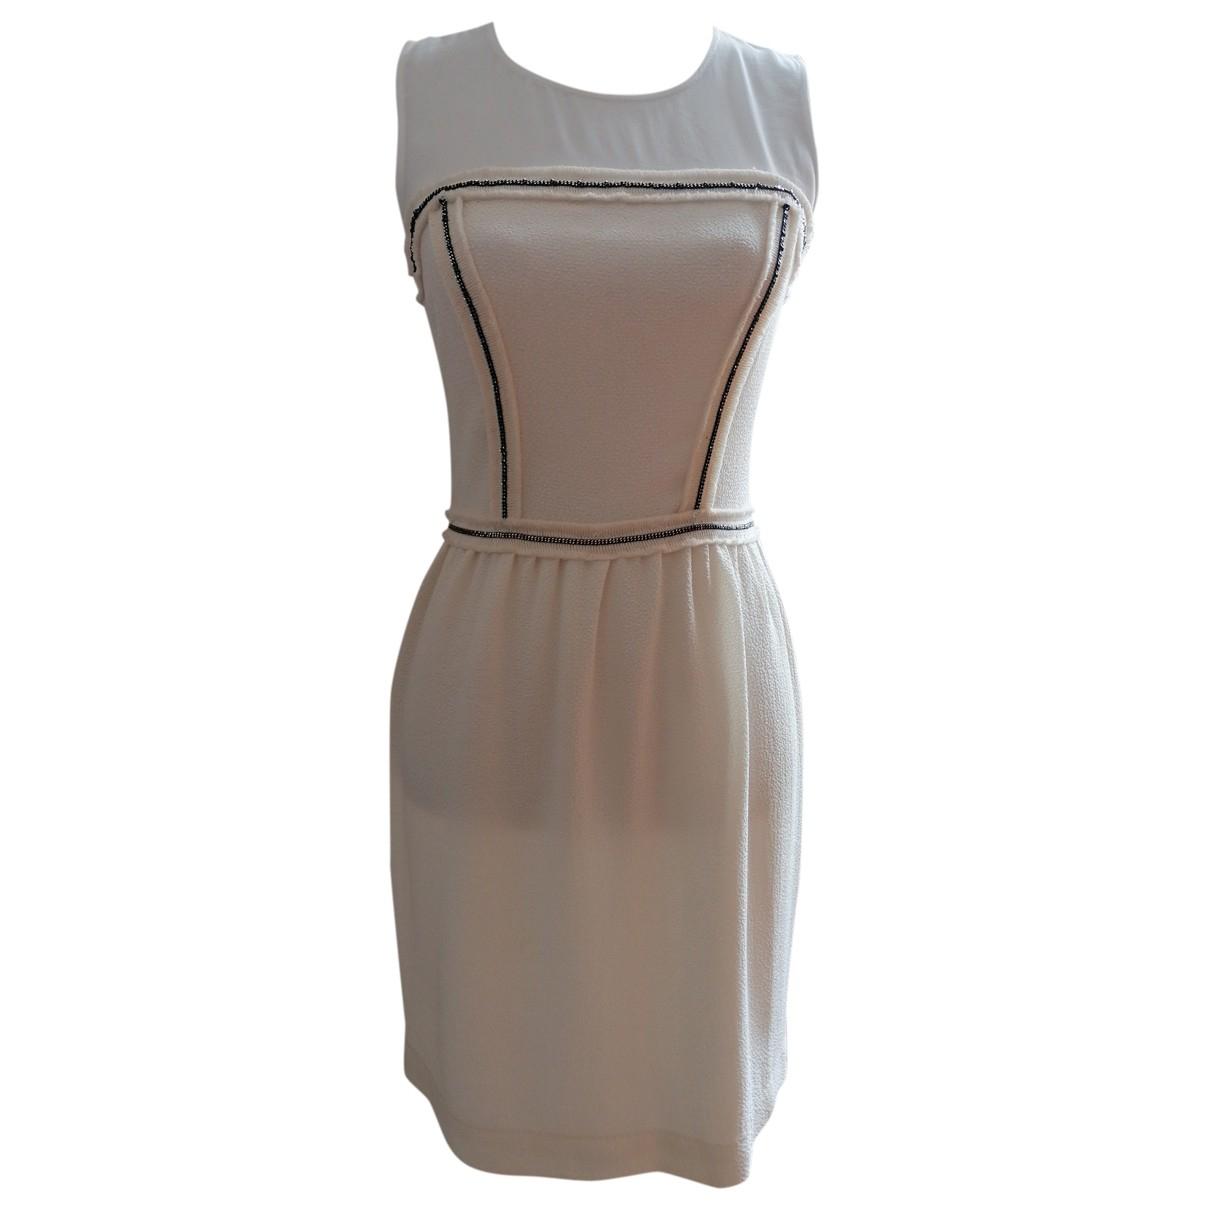 Sandro \N Ecru dress for Women 38 FR